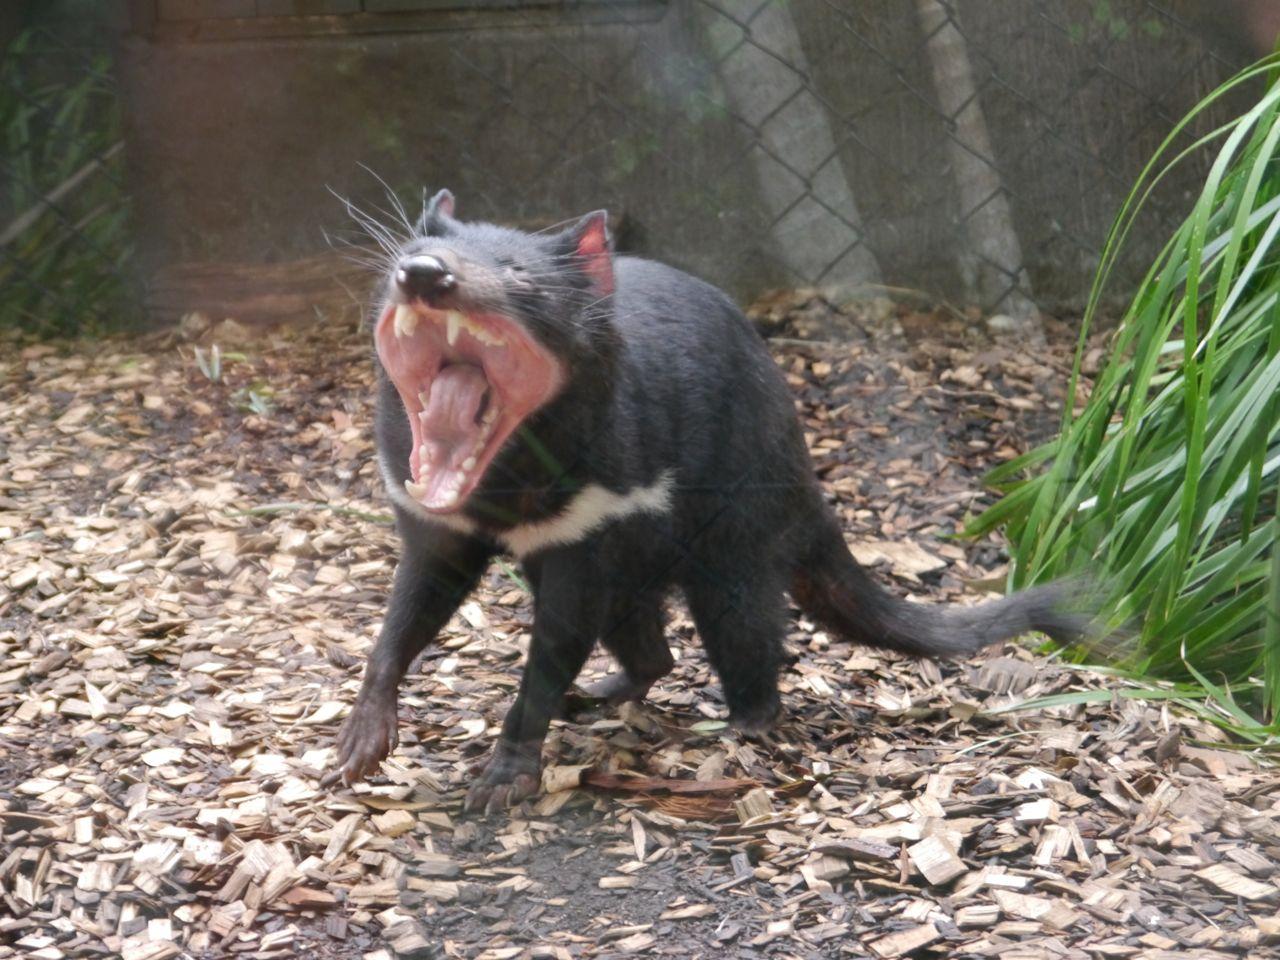 Gähnender (Nicht wütender) tasmanischer Teufel